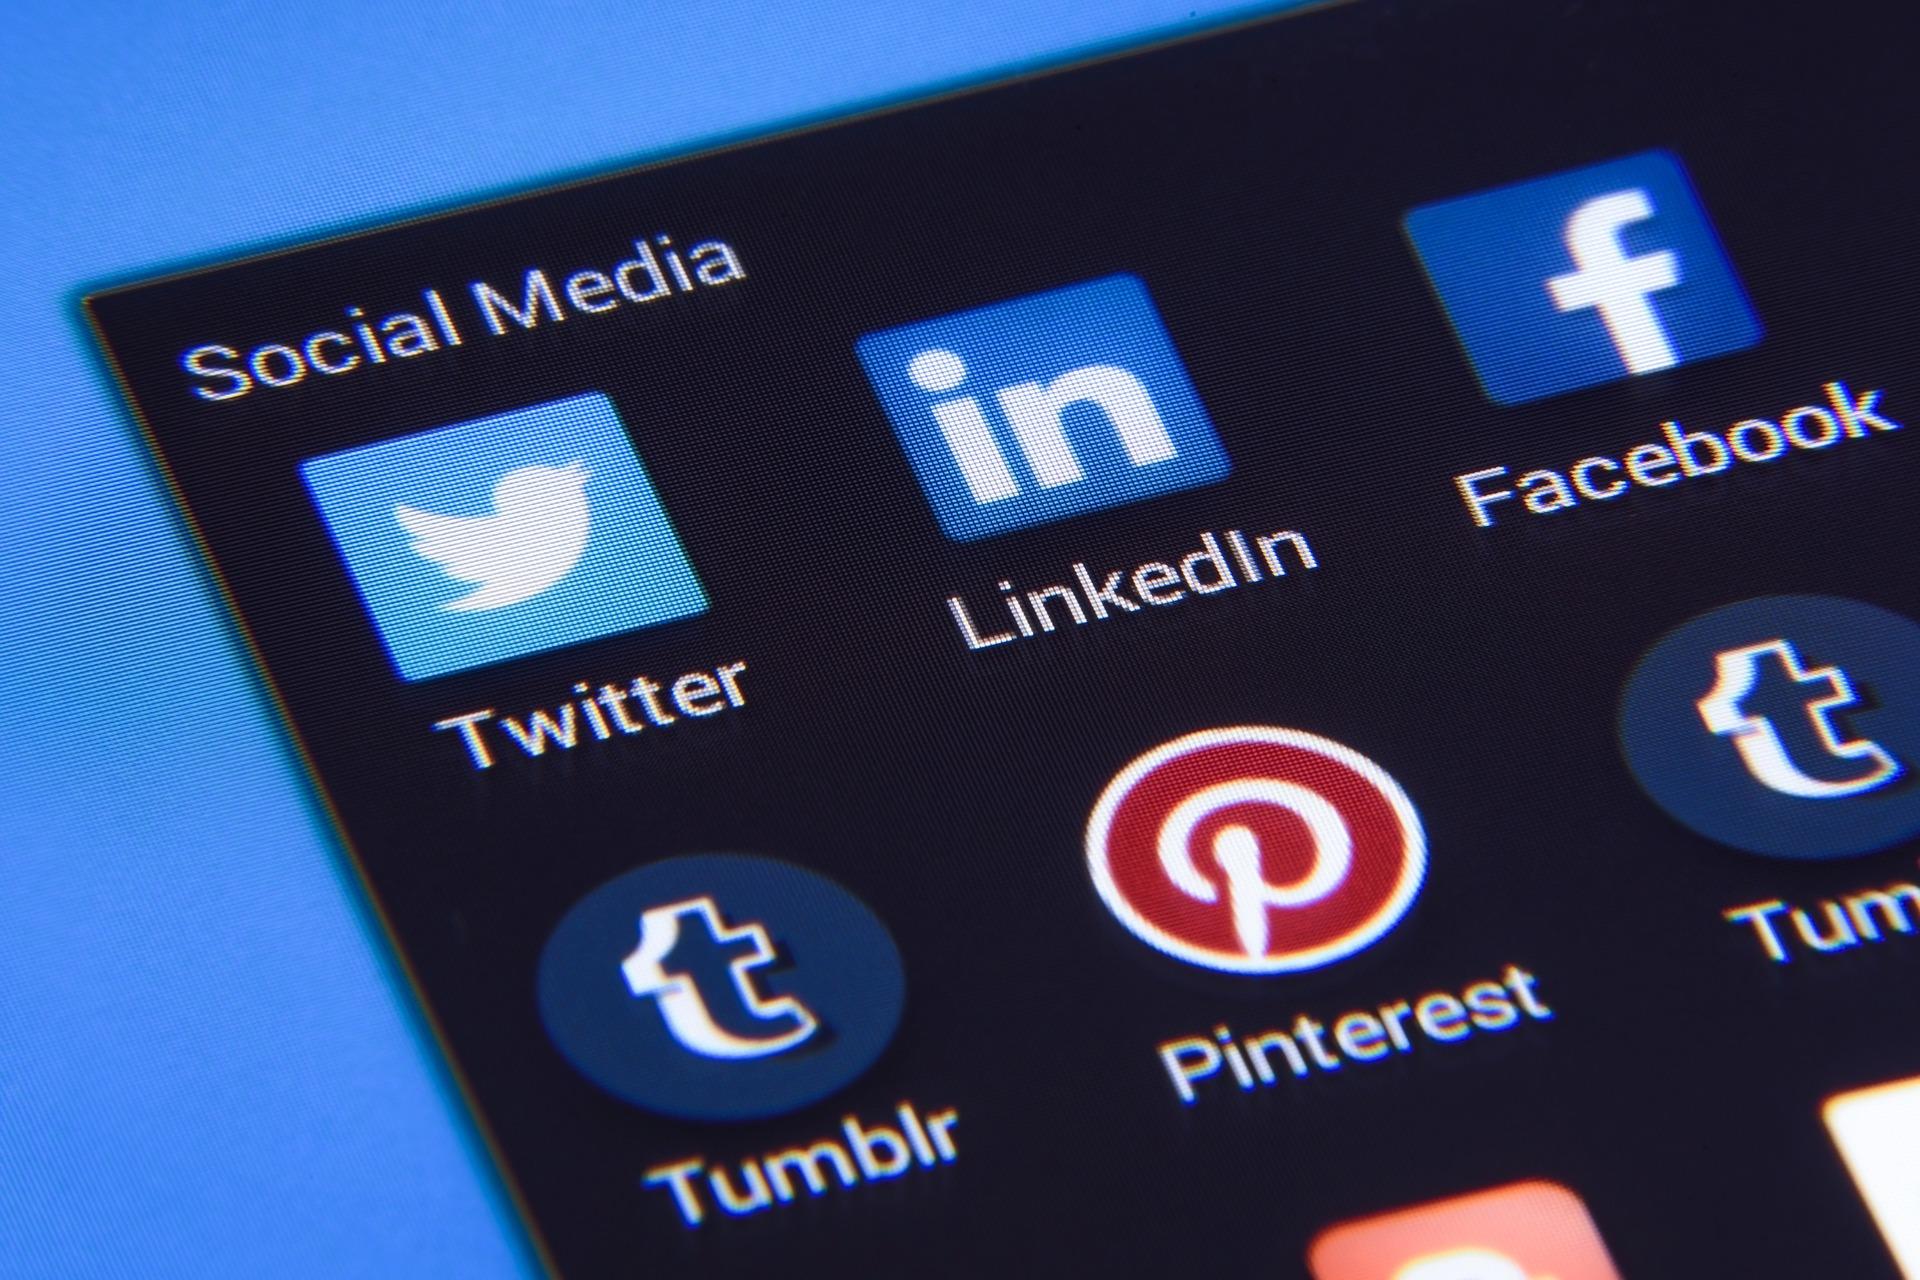 ¿Qué son las redes sociales? Preguntas frecuentes